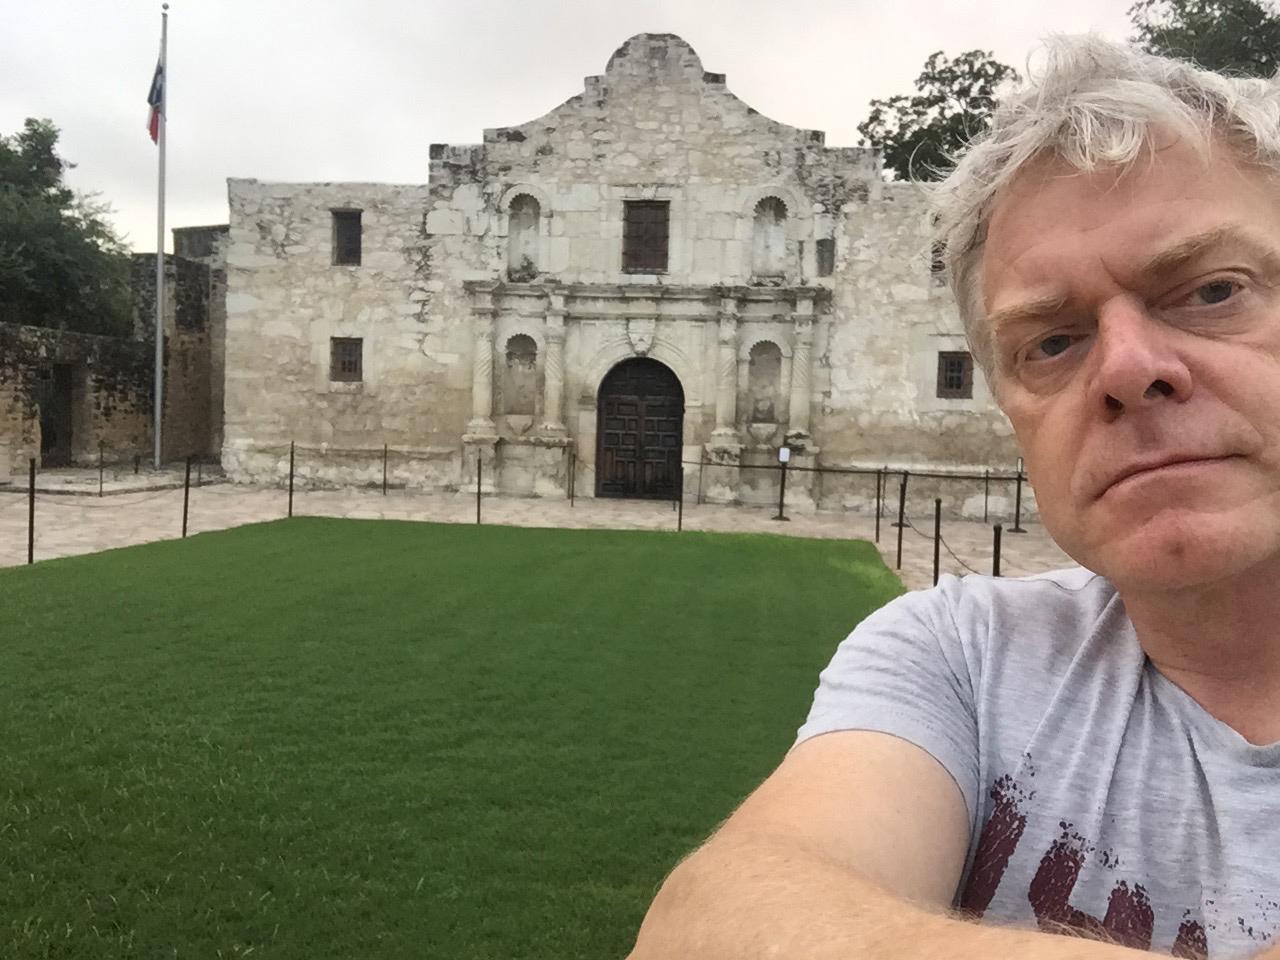 Alamo selfie